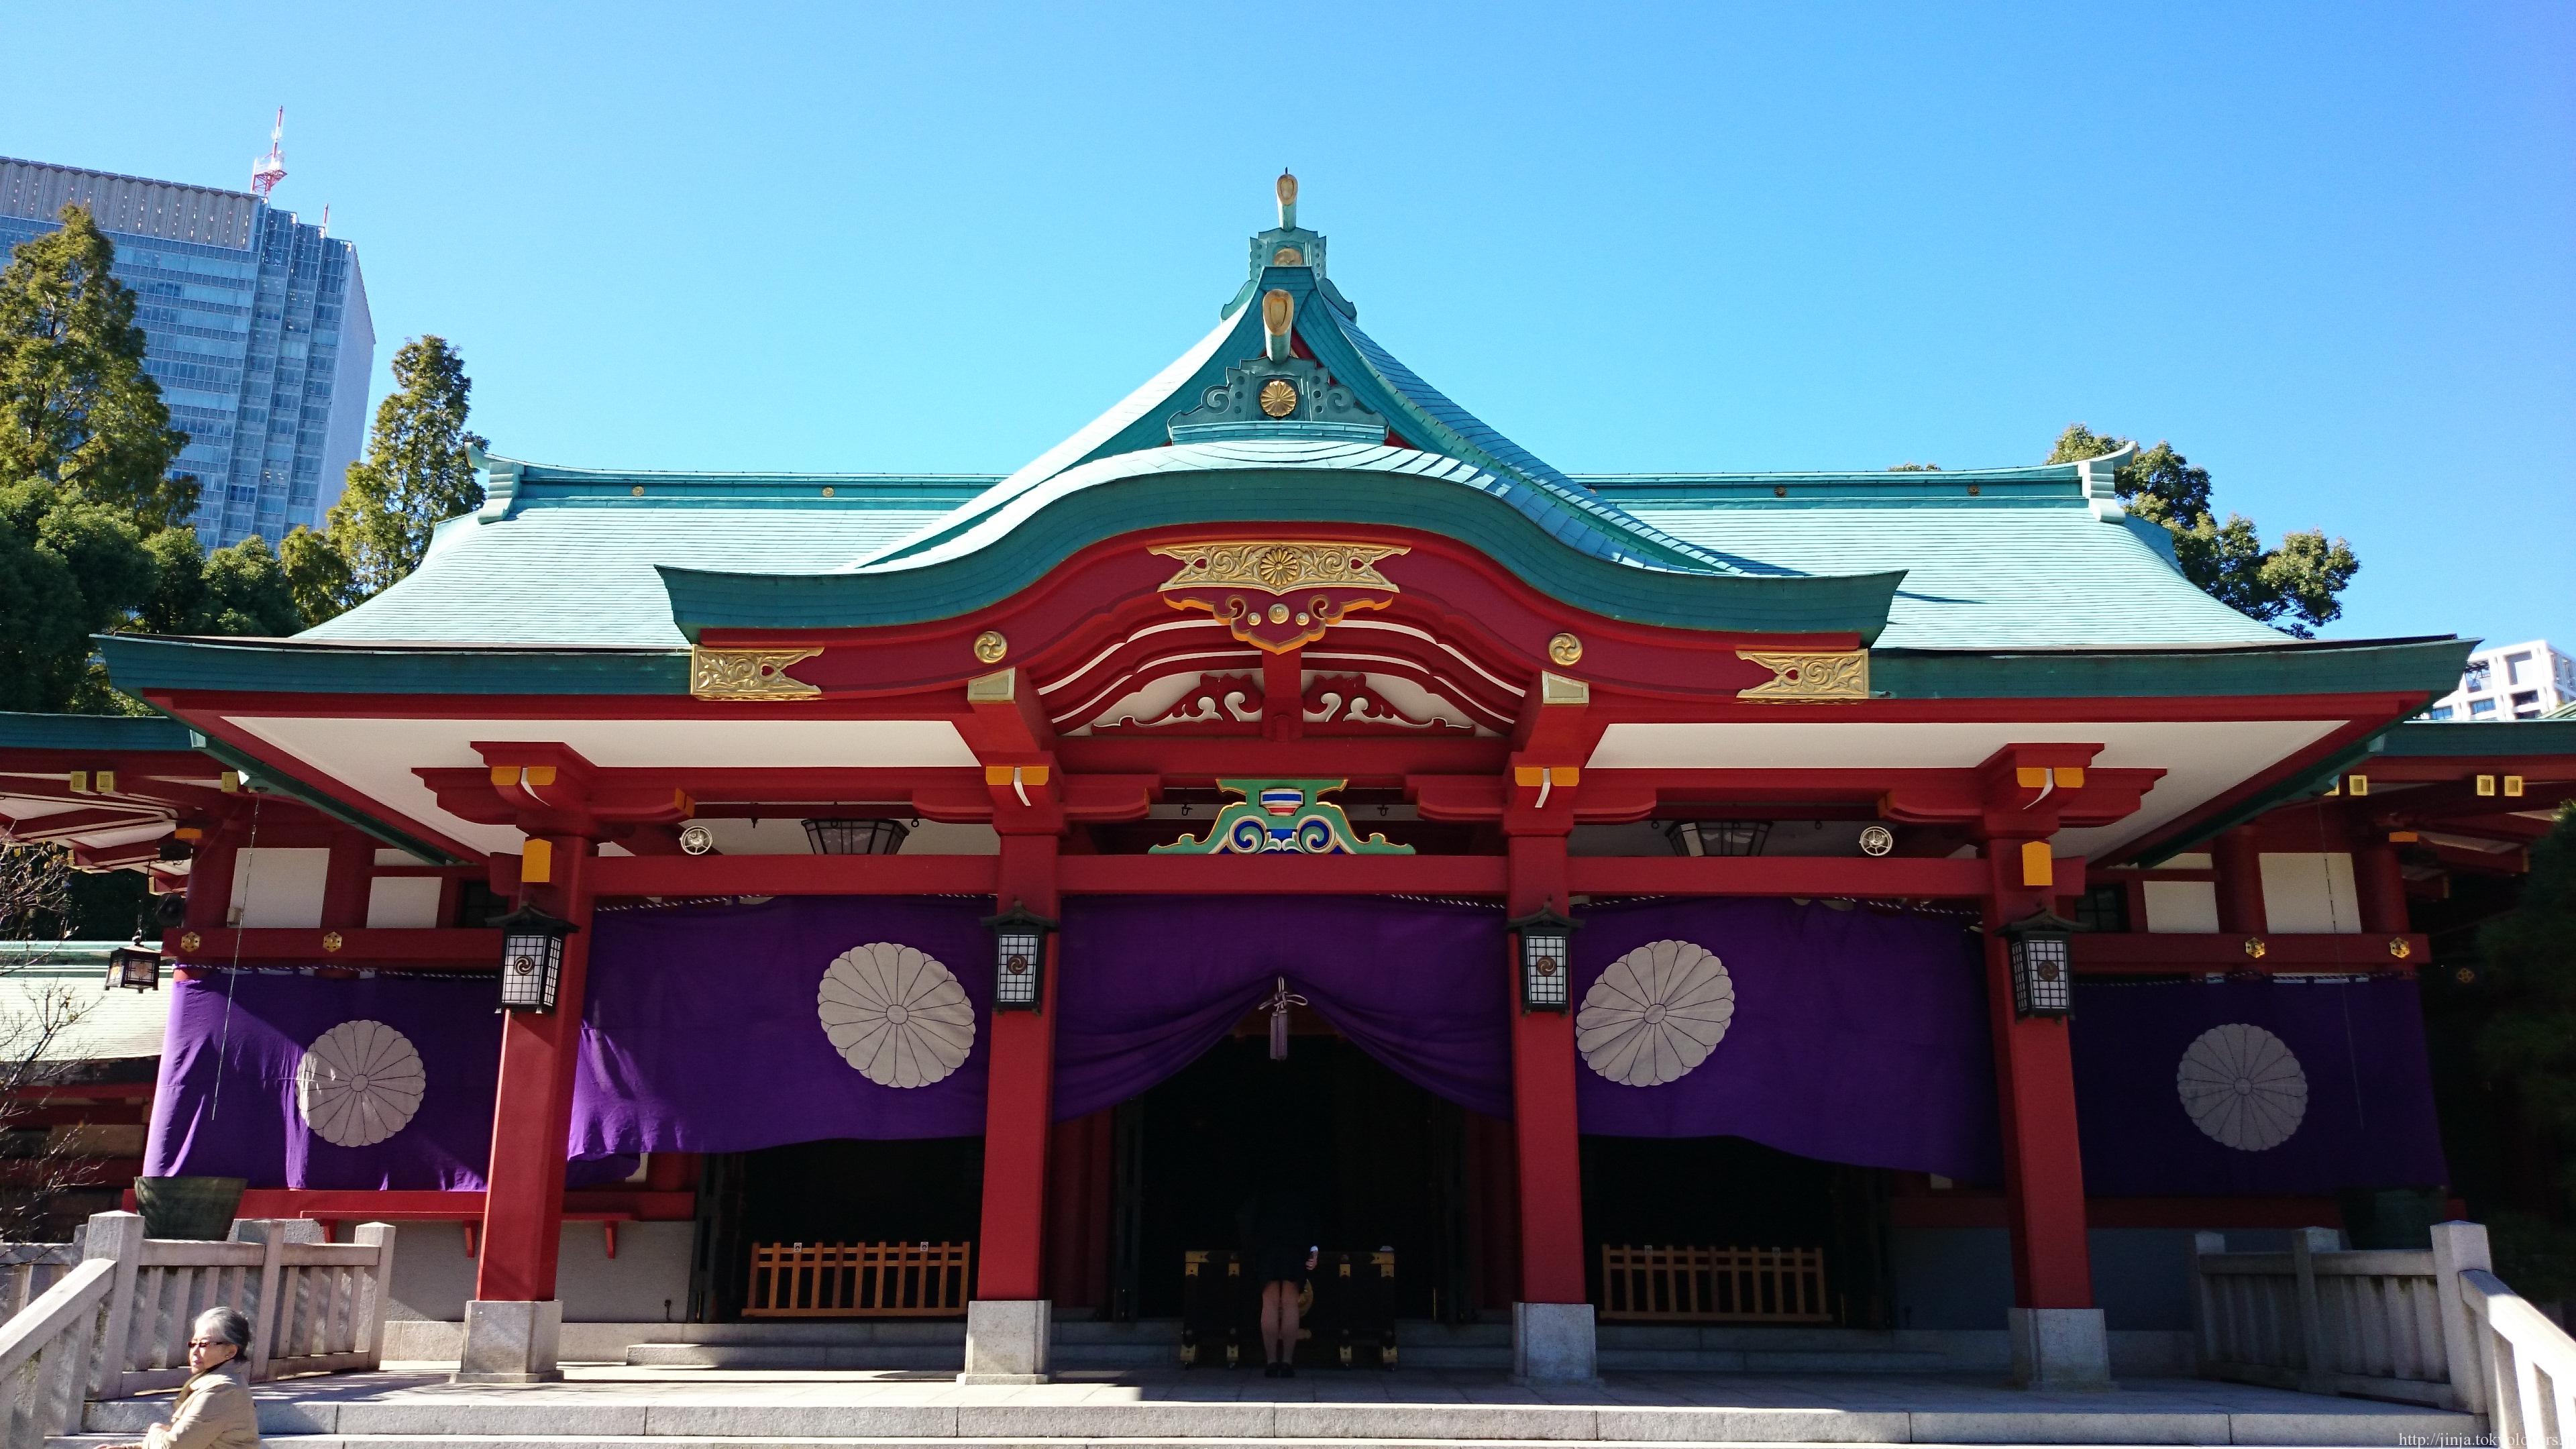 ご利益あらたかな日枝神社は、比叡山と延暦寺の守護神として祀られた日吉大社を総本社としています。同じくする日吉神社や山王神社とともに全国津々浦々にご利益をもたらす歴史ある神社です。今回はそんな日枝神社のご紹介です。のサムネイル画像